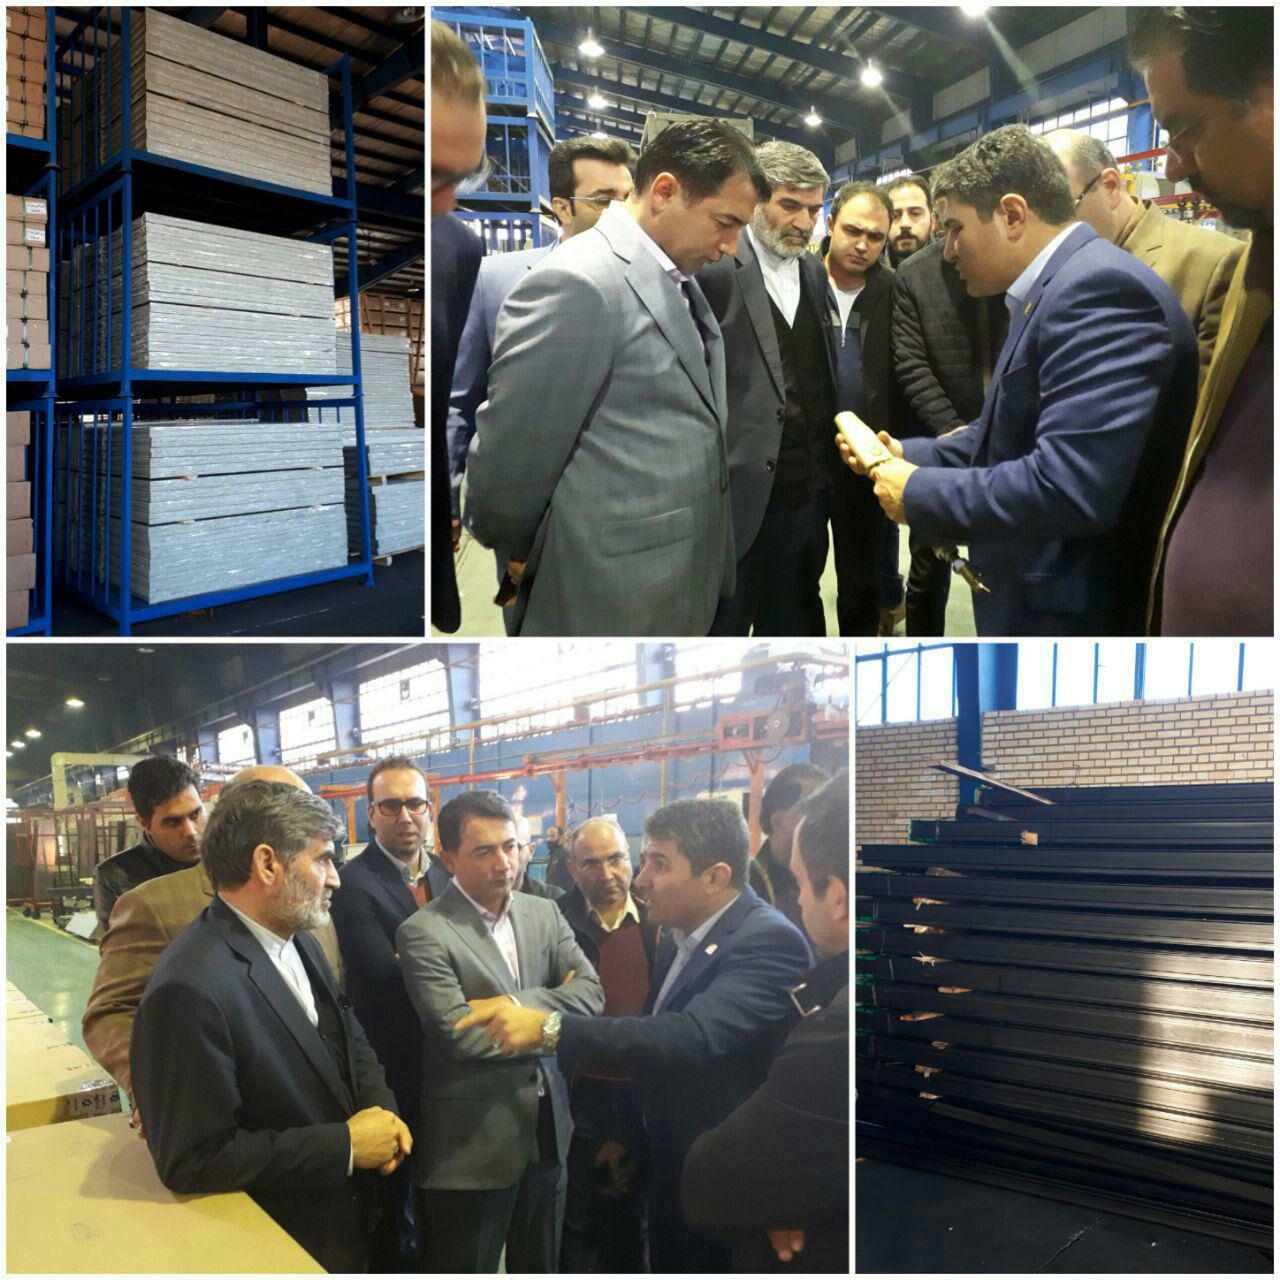 بازدید مدیرعامل شرکت عمران و تعدادی از سازندگان مسکن مهر پردیس، از  کارخانه آسانسور